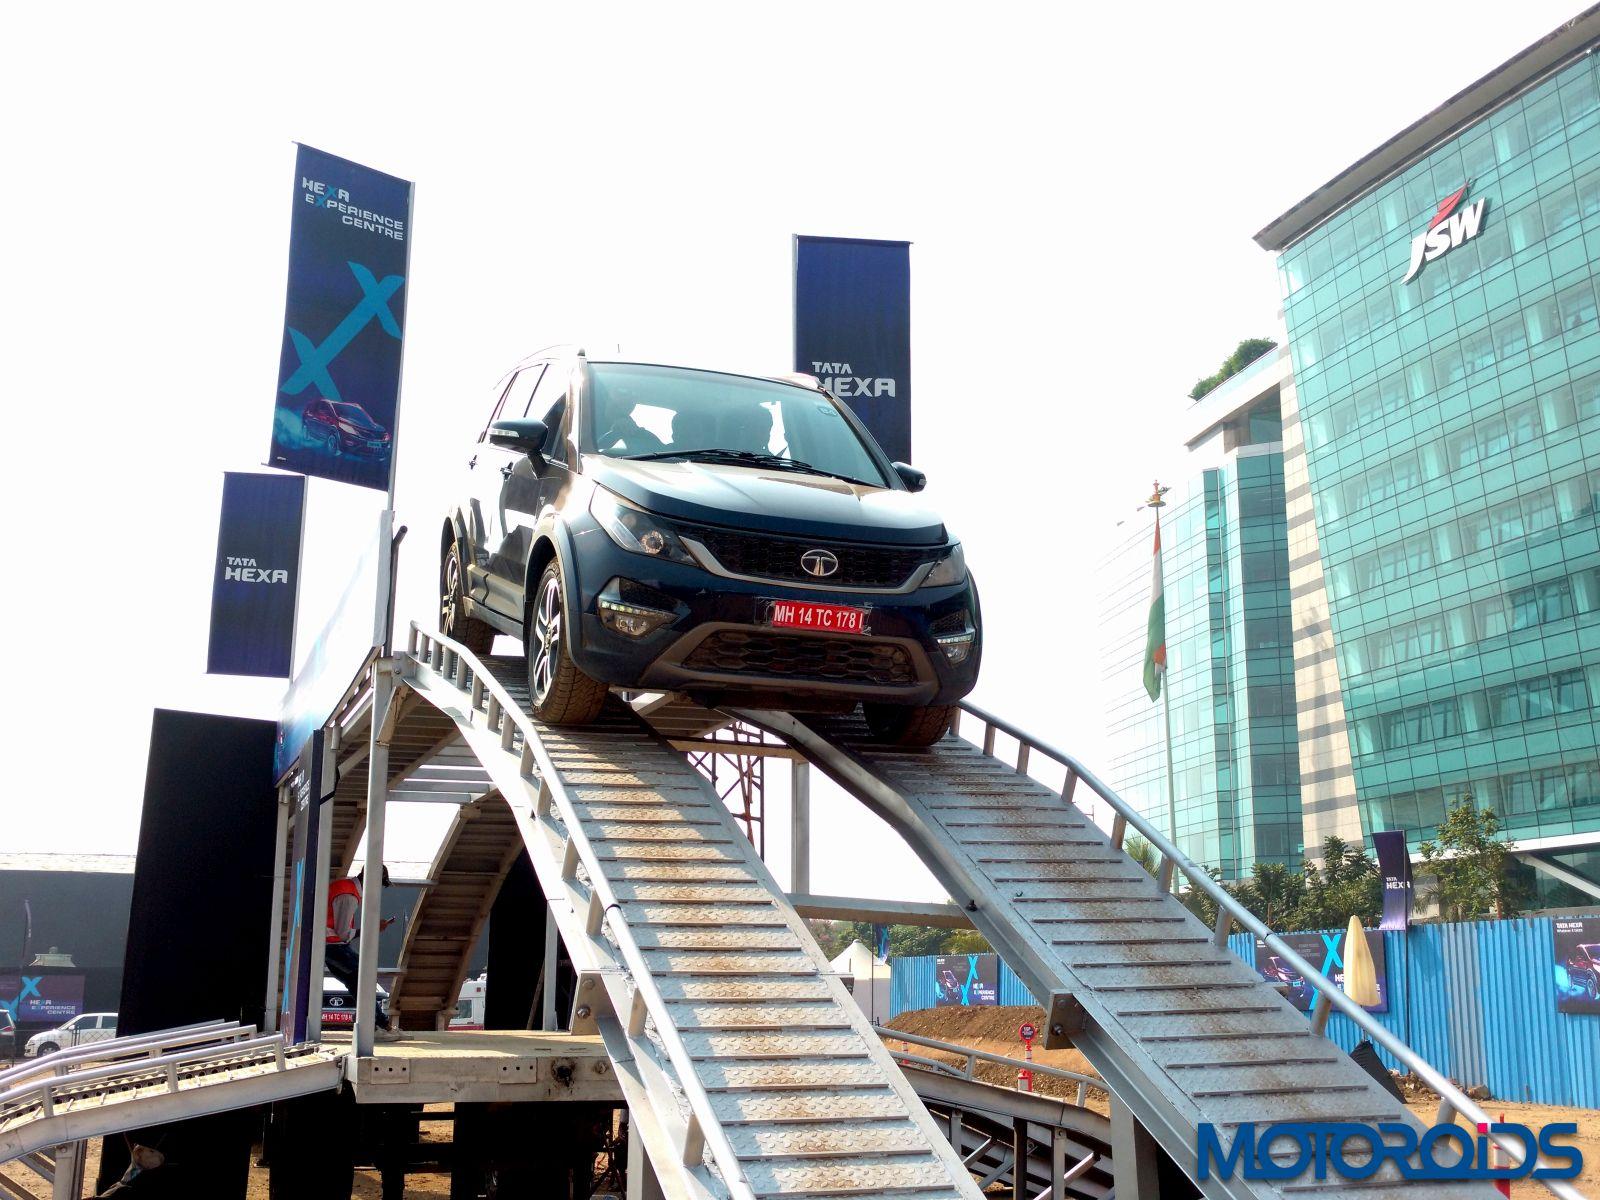 Tata-Hexa-off-road-experience-22